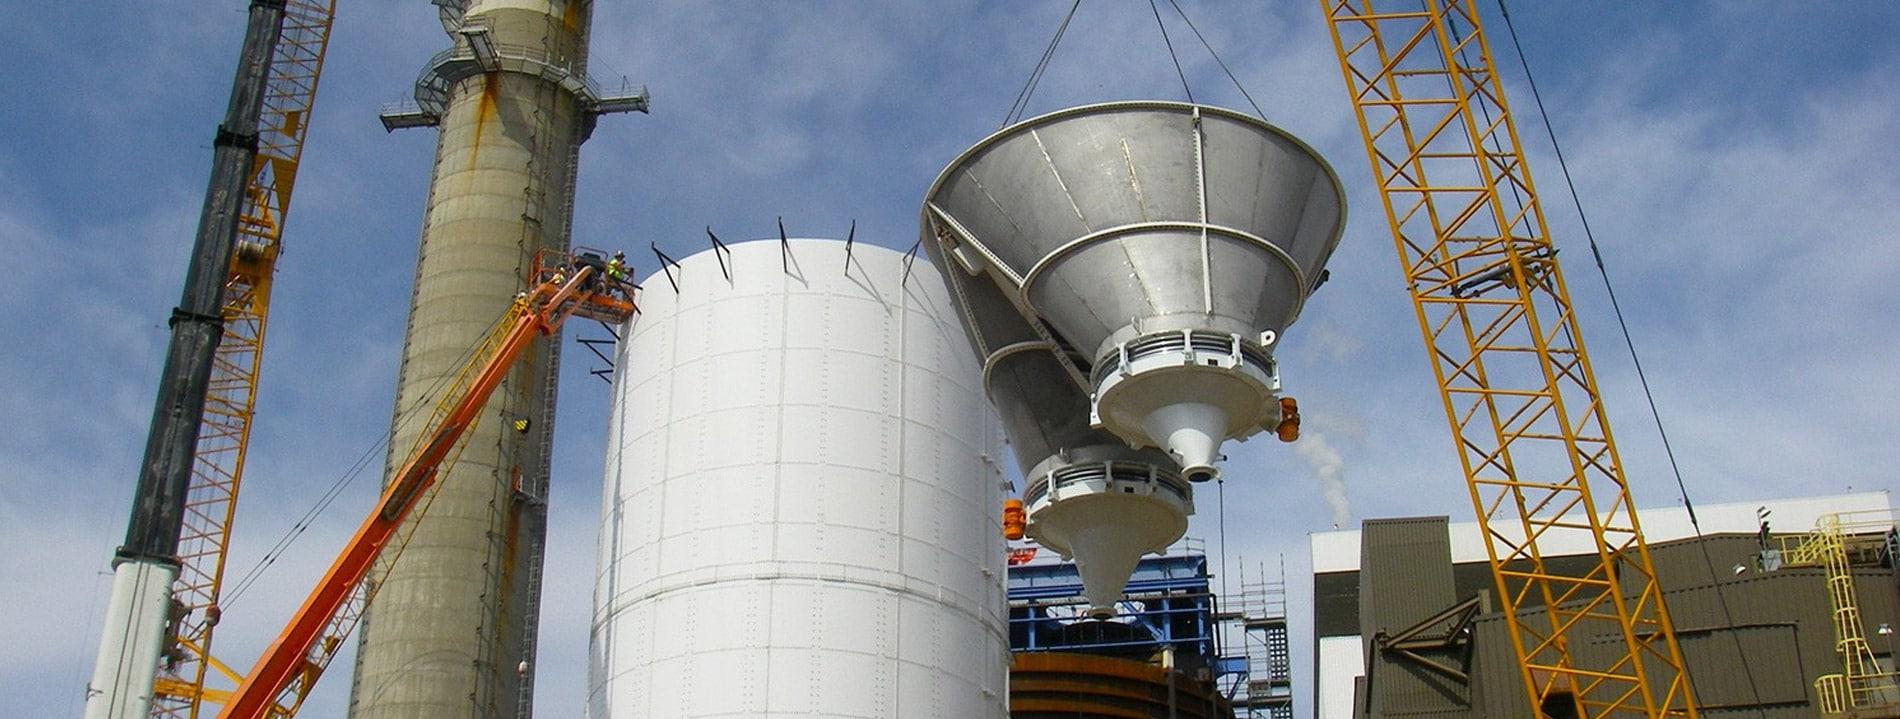 water storage tanks steel